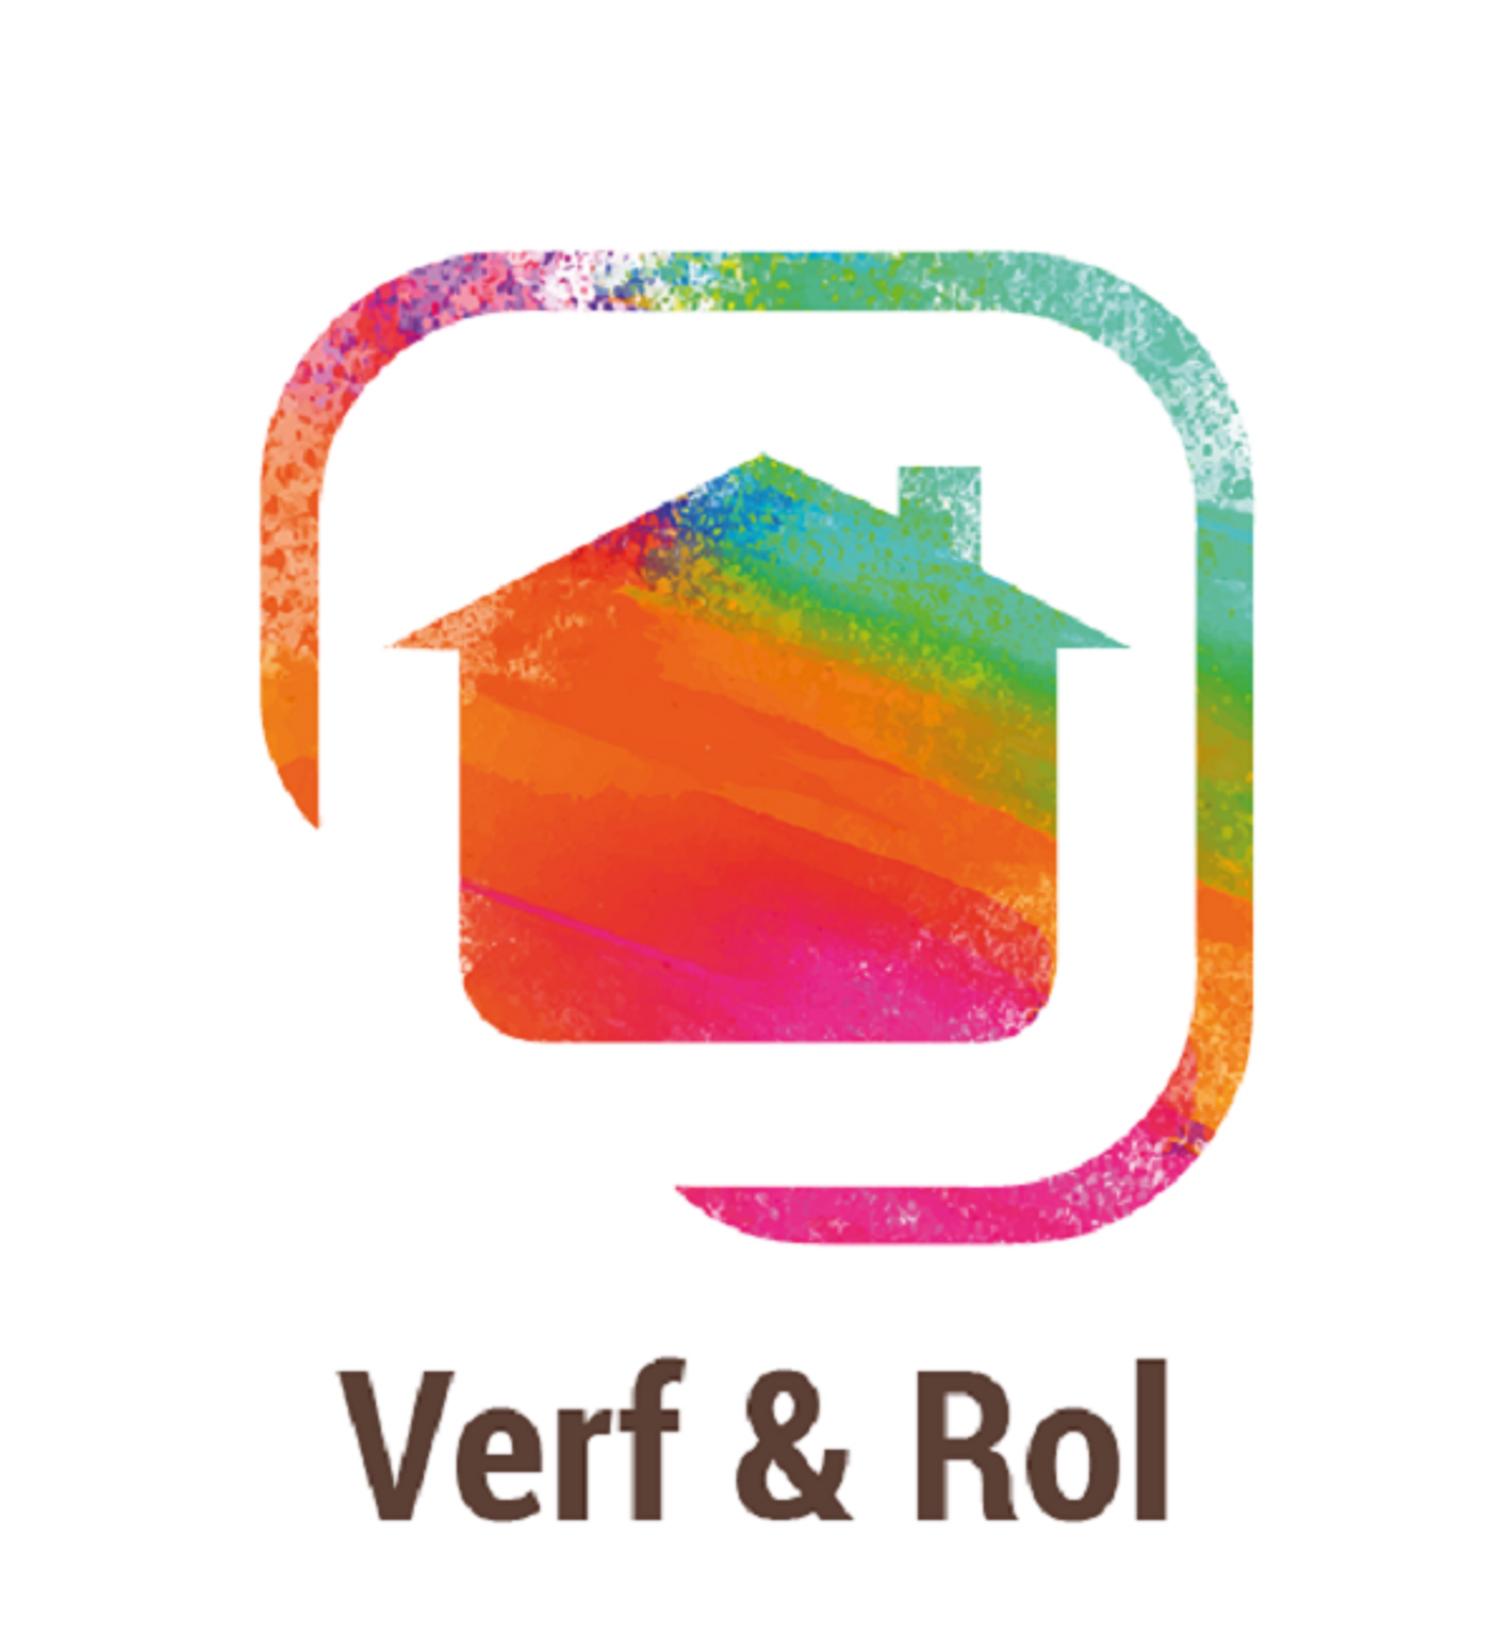 logo Verf&Rol